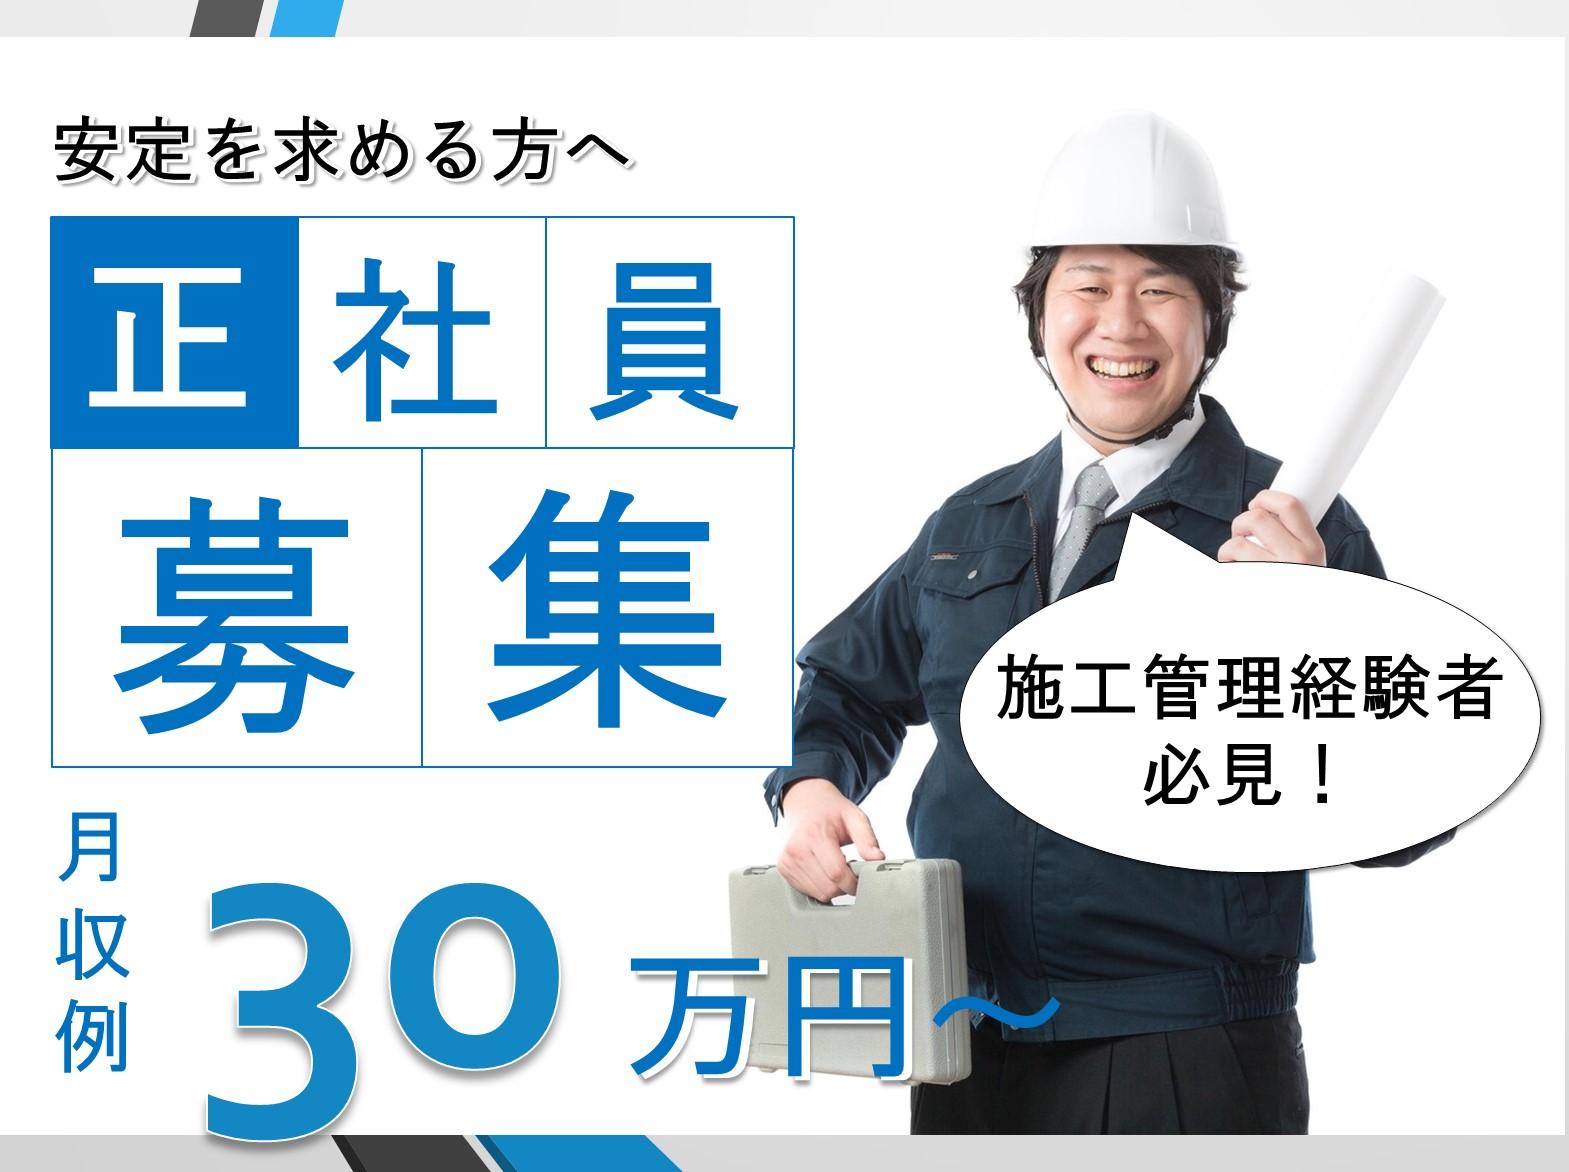 《経験者必見☆》月給30万円以上も可能!社員が働きやすい環境!現場監督急募 イメージ